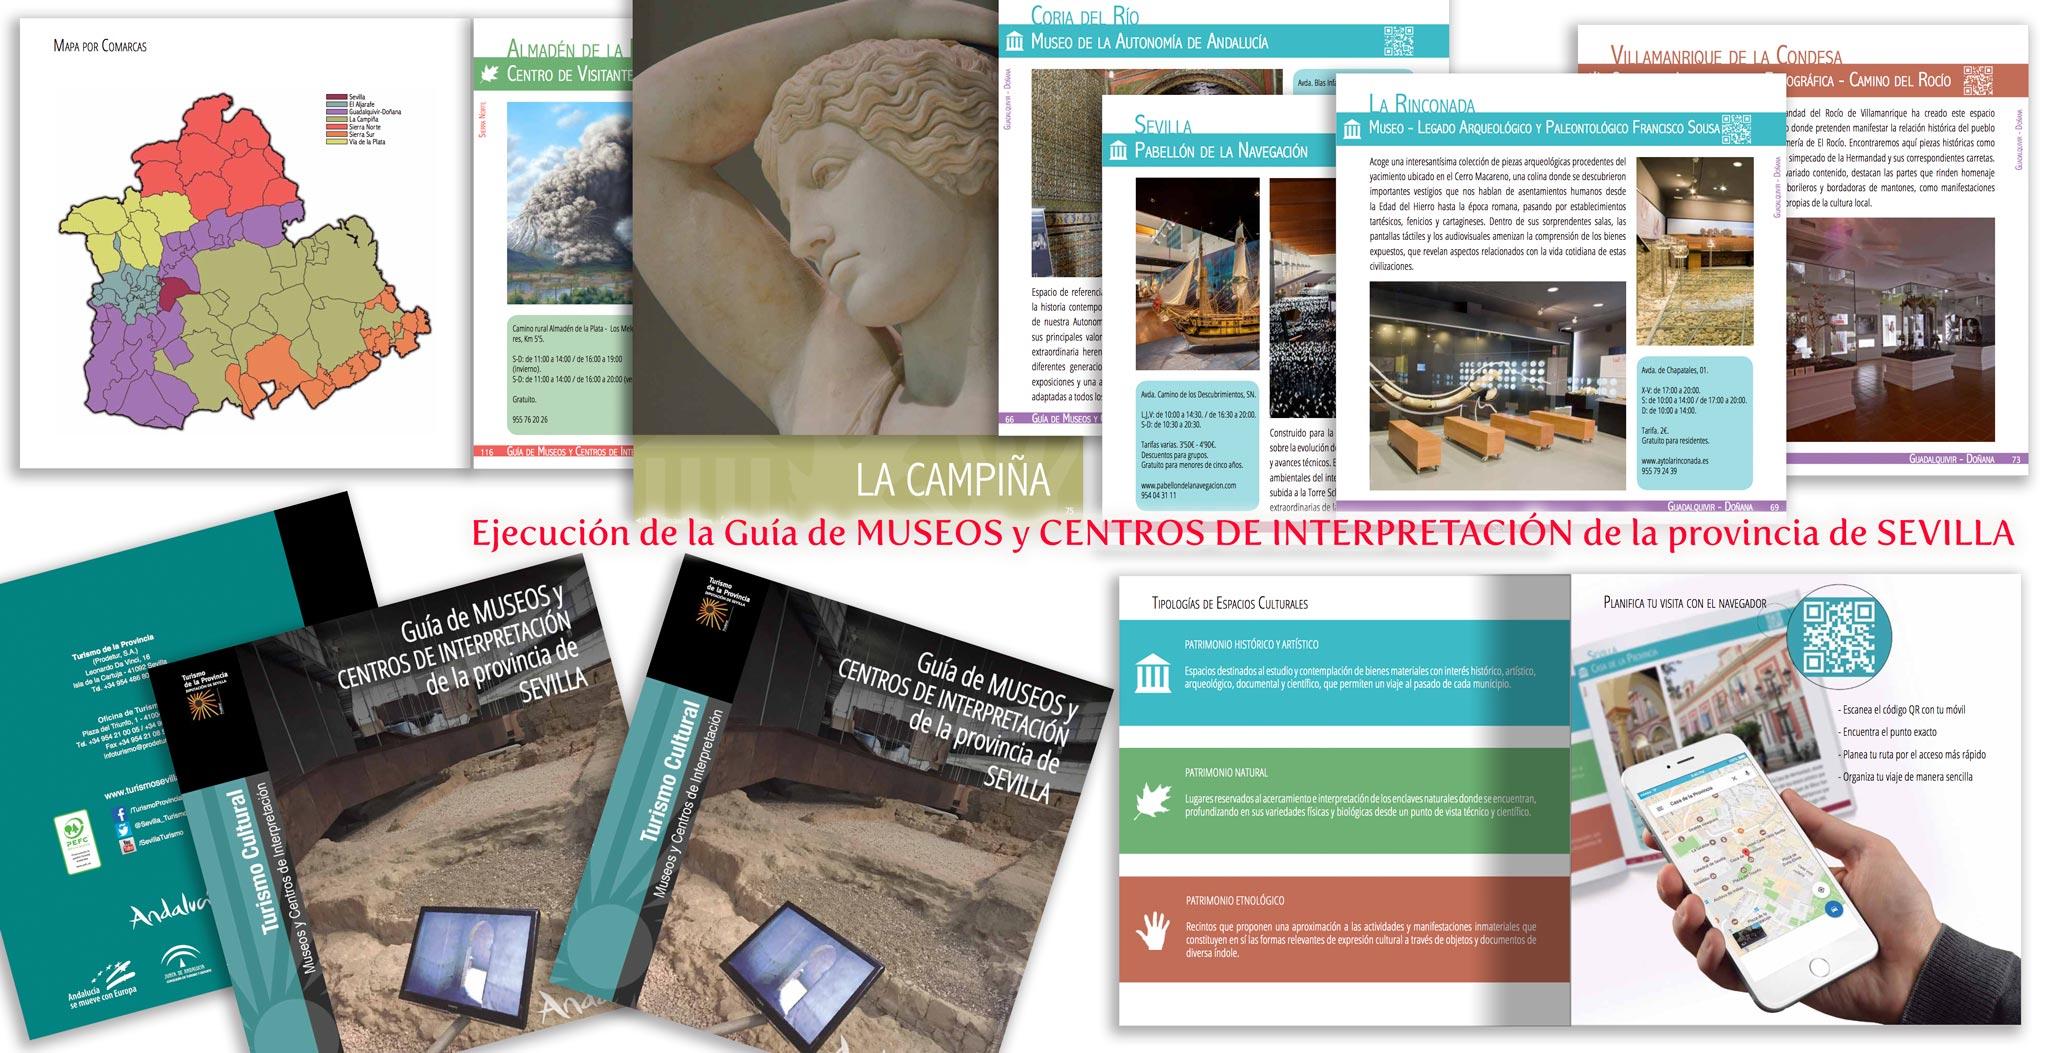 Ejecución de la Guía de MUSEOS y CENTROS DE INTERPRETACIÓN de la provincia de SEVILLA